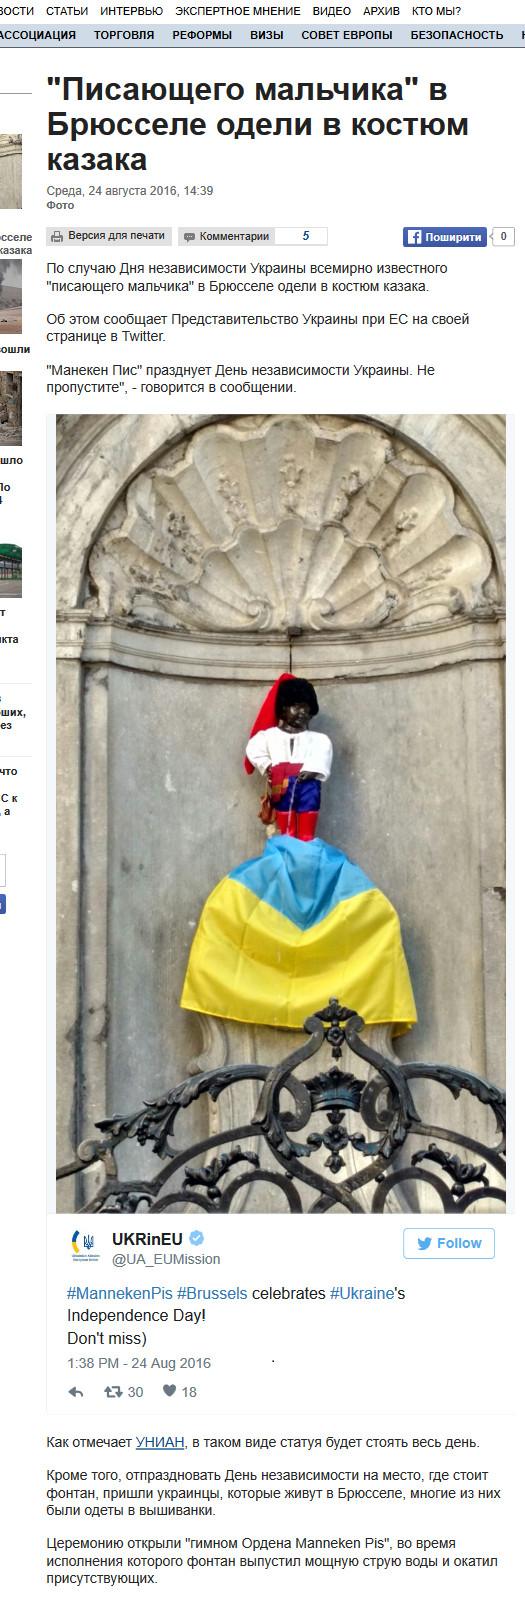 Мне одному кажется это подозрительным? Украина, Политика, Брюссель, Писающий мальчик, Цвет, Длиннопост